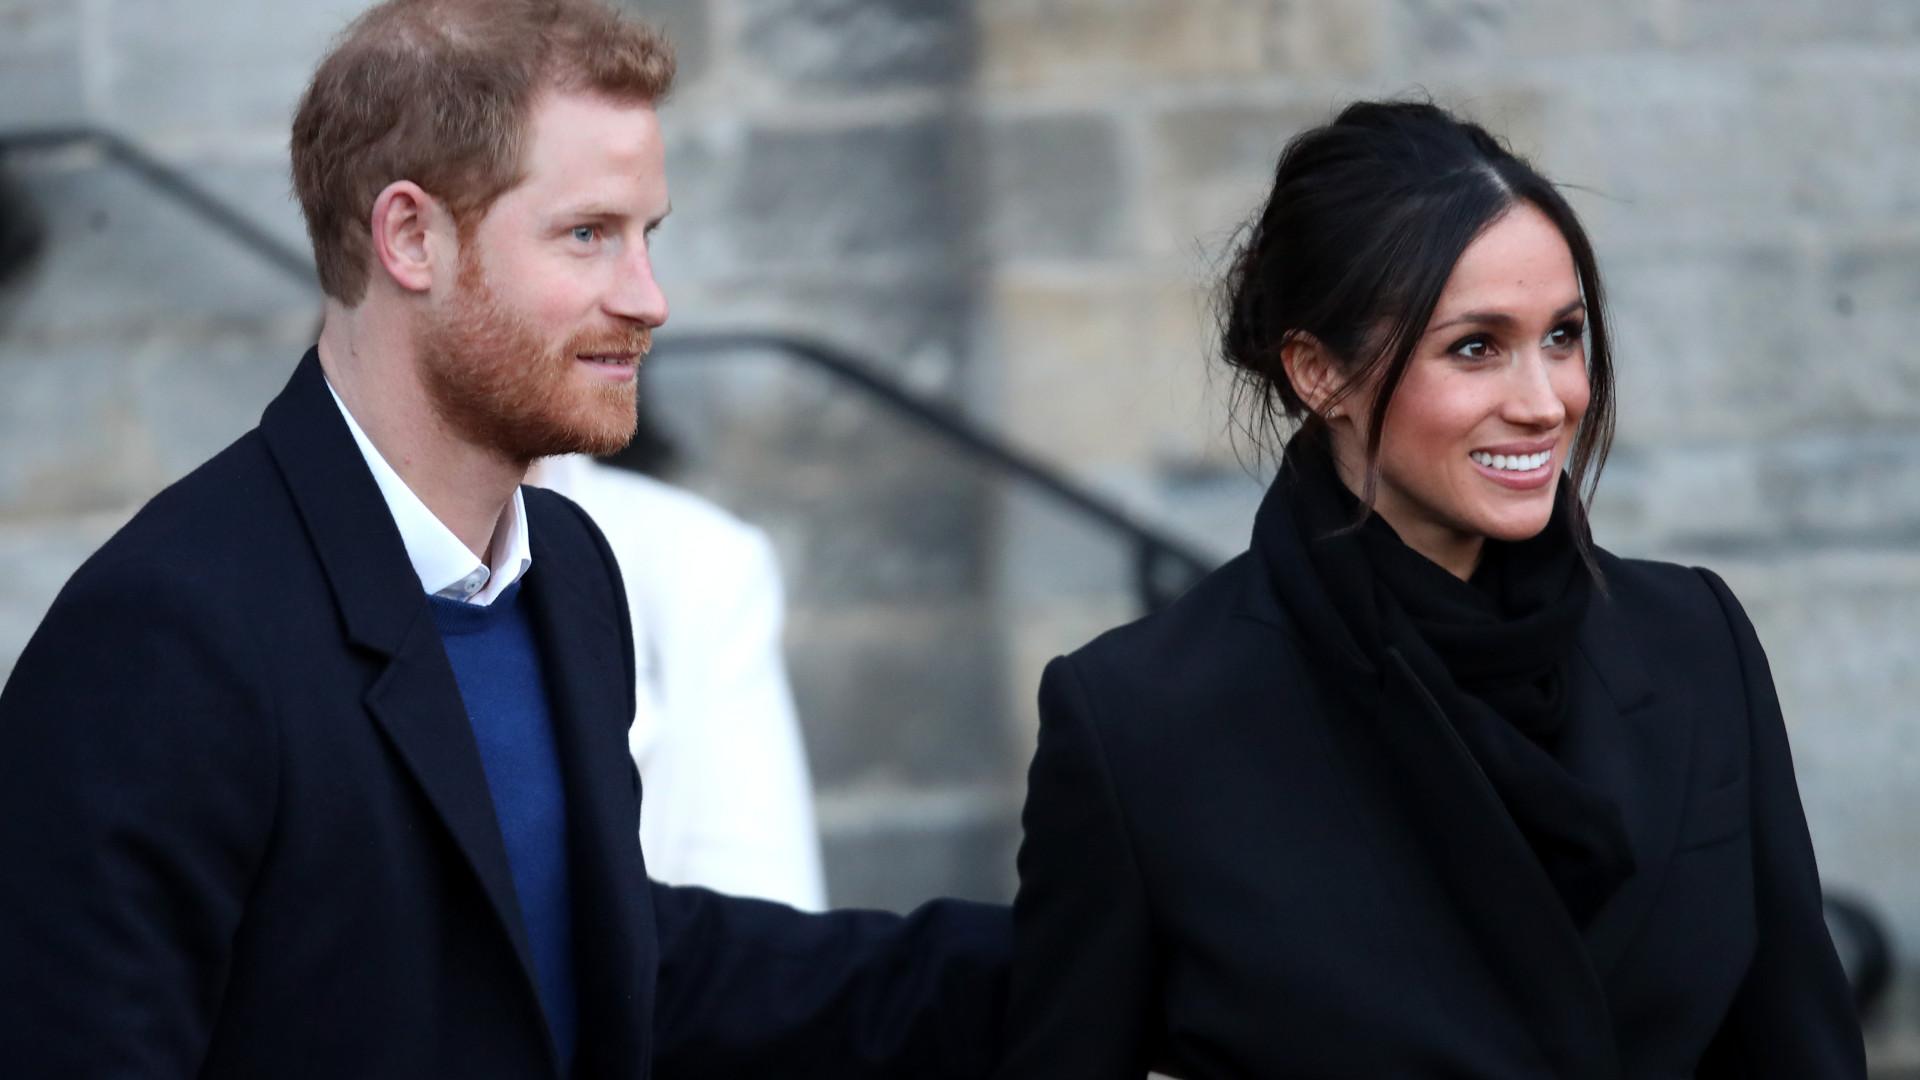 Príncipe Harry e Meghan Markle assustados após 'ameaça' de envenenamento